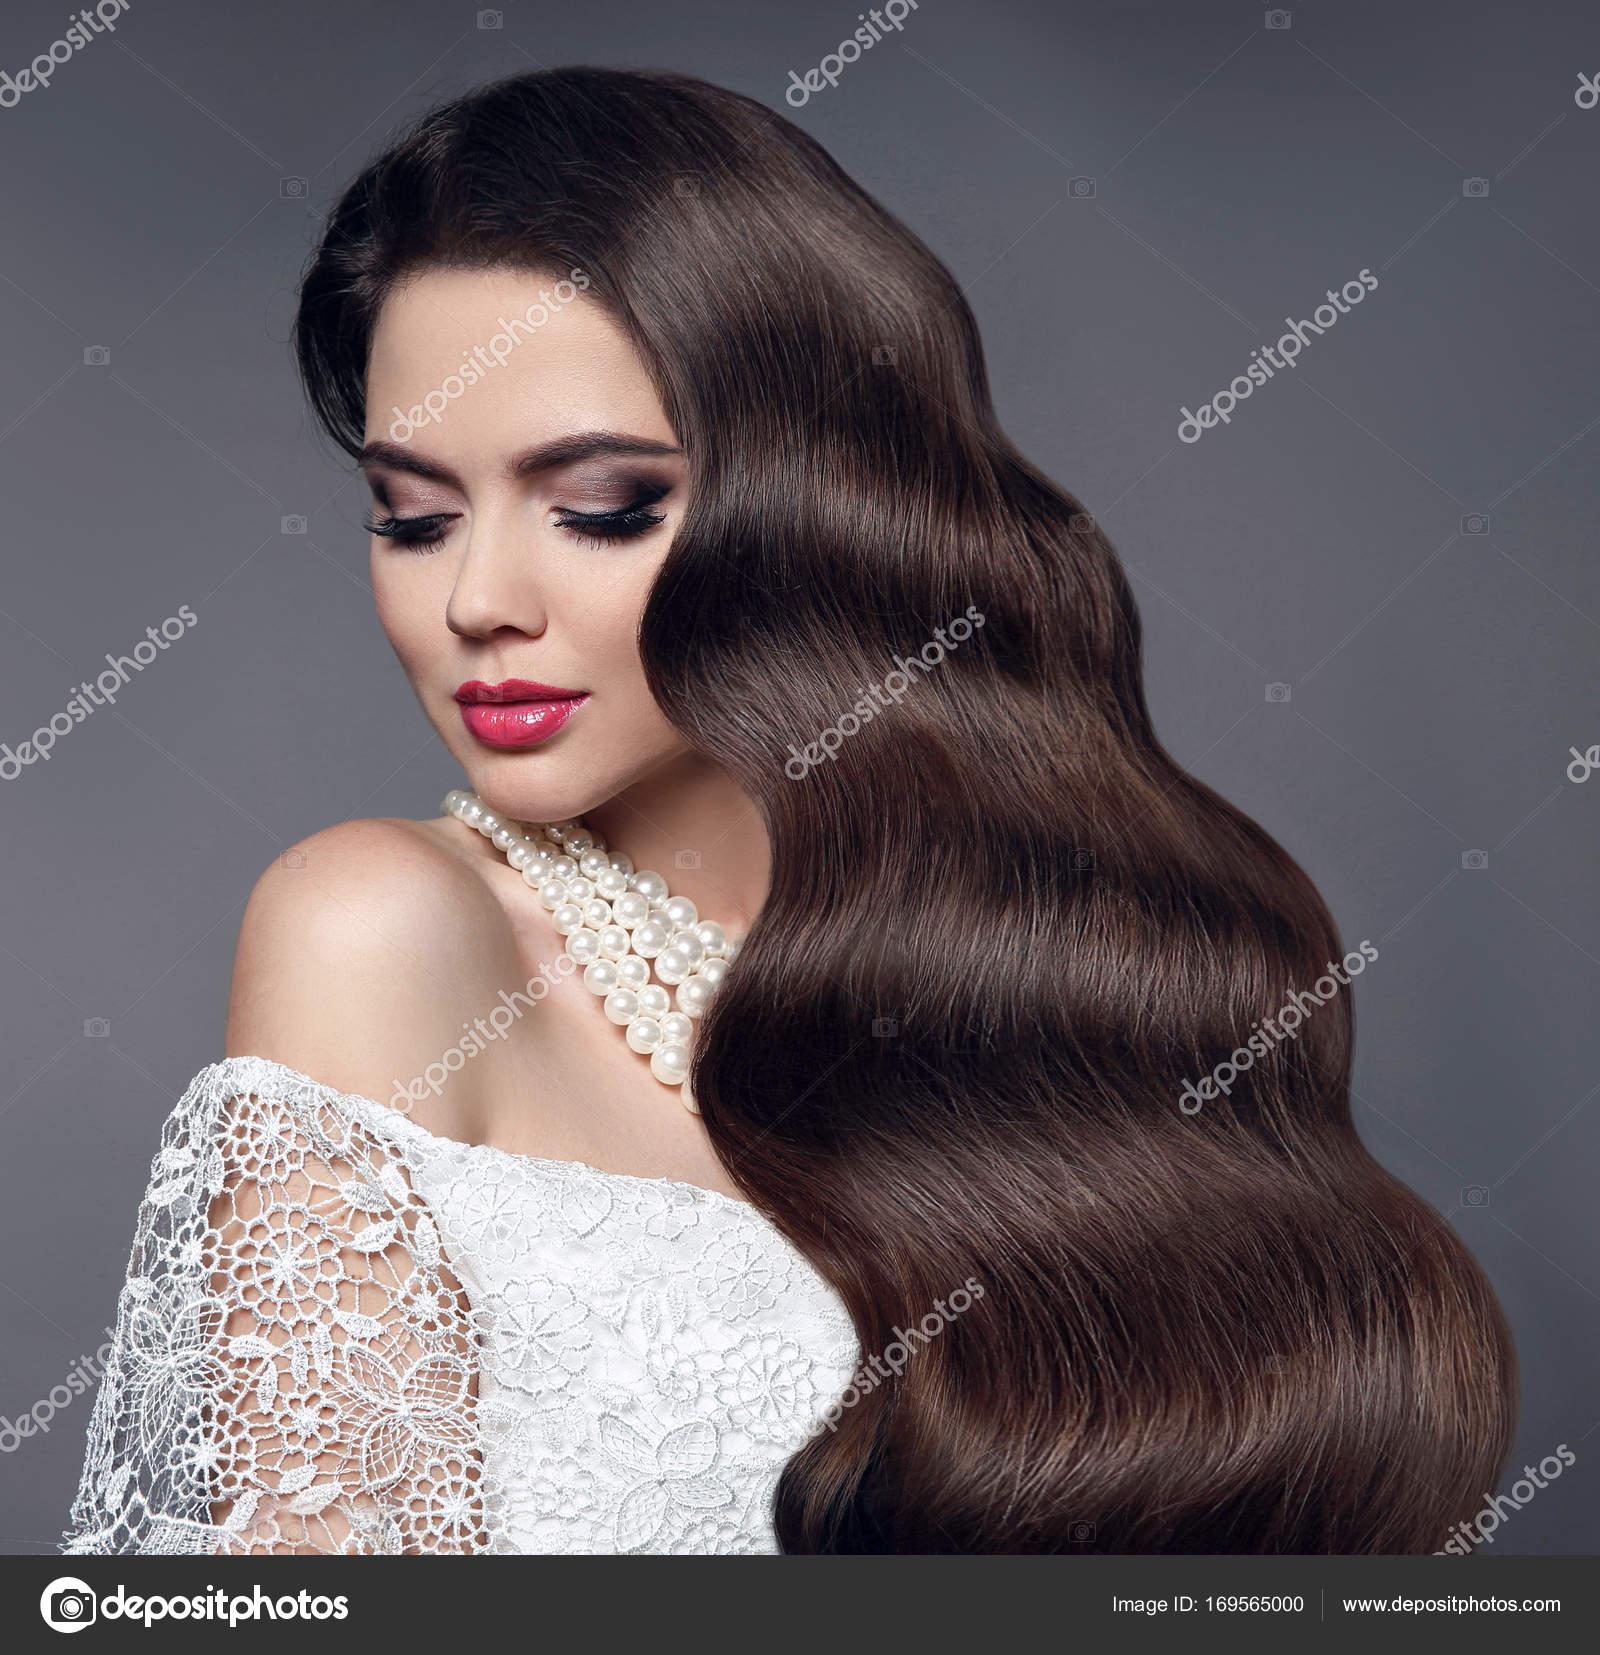 Uroda Zdrowe Włosy Portret Glamour W Model Piękny Woman Zdjęcie